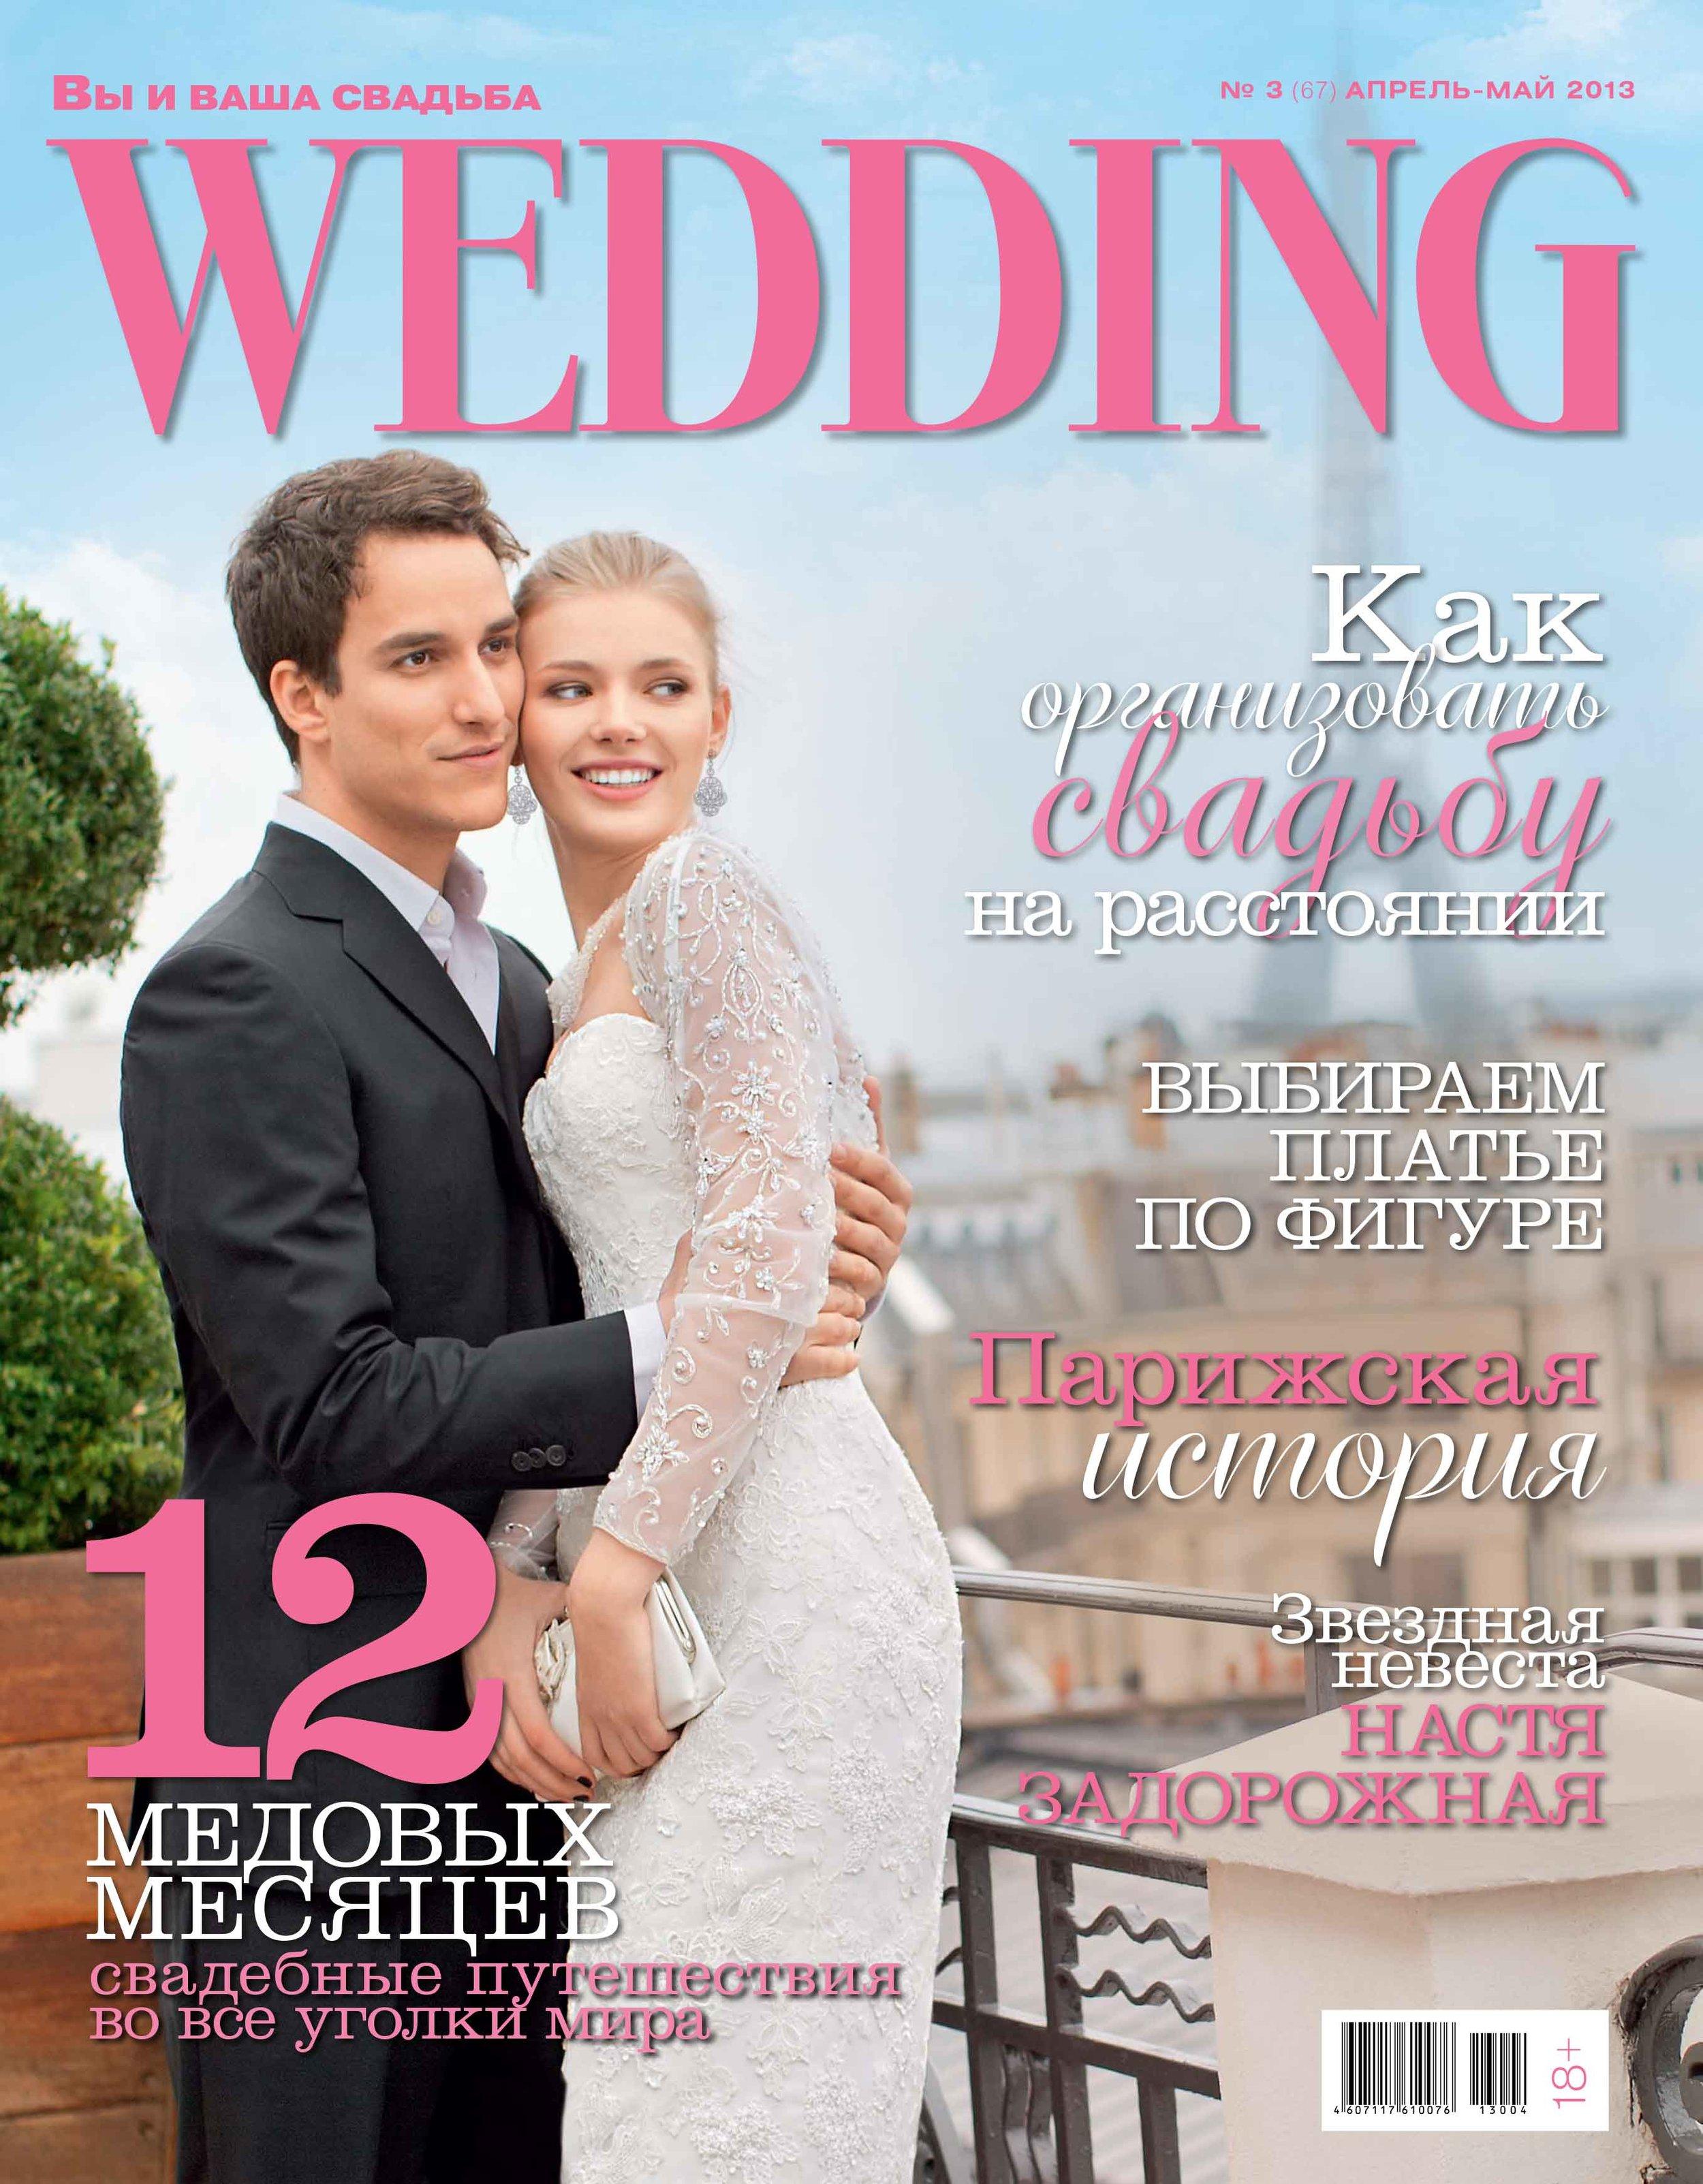 Wedding---April-May-2013---Mosaic---coverPP.jpg